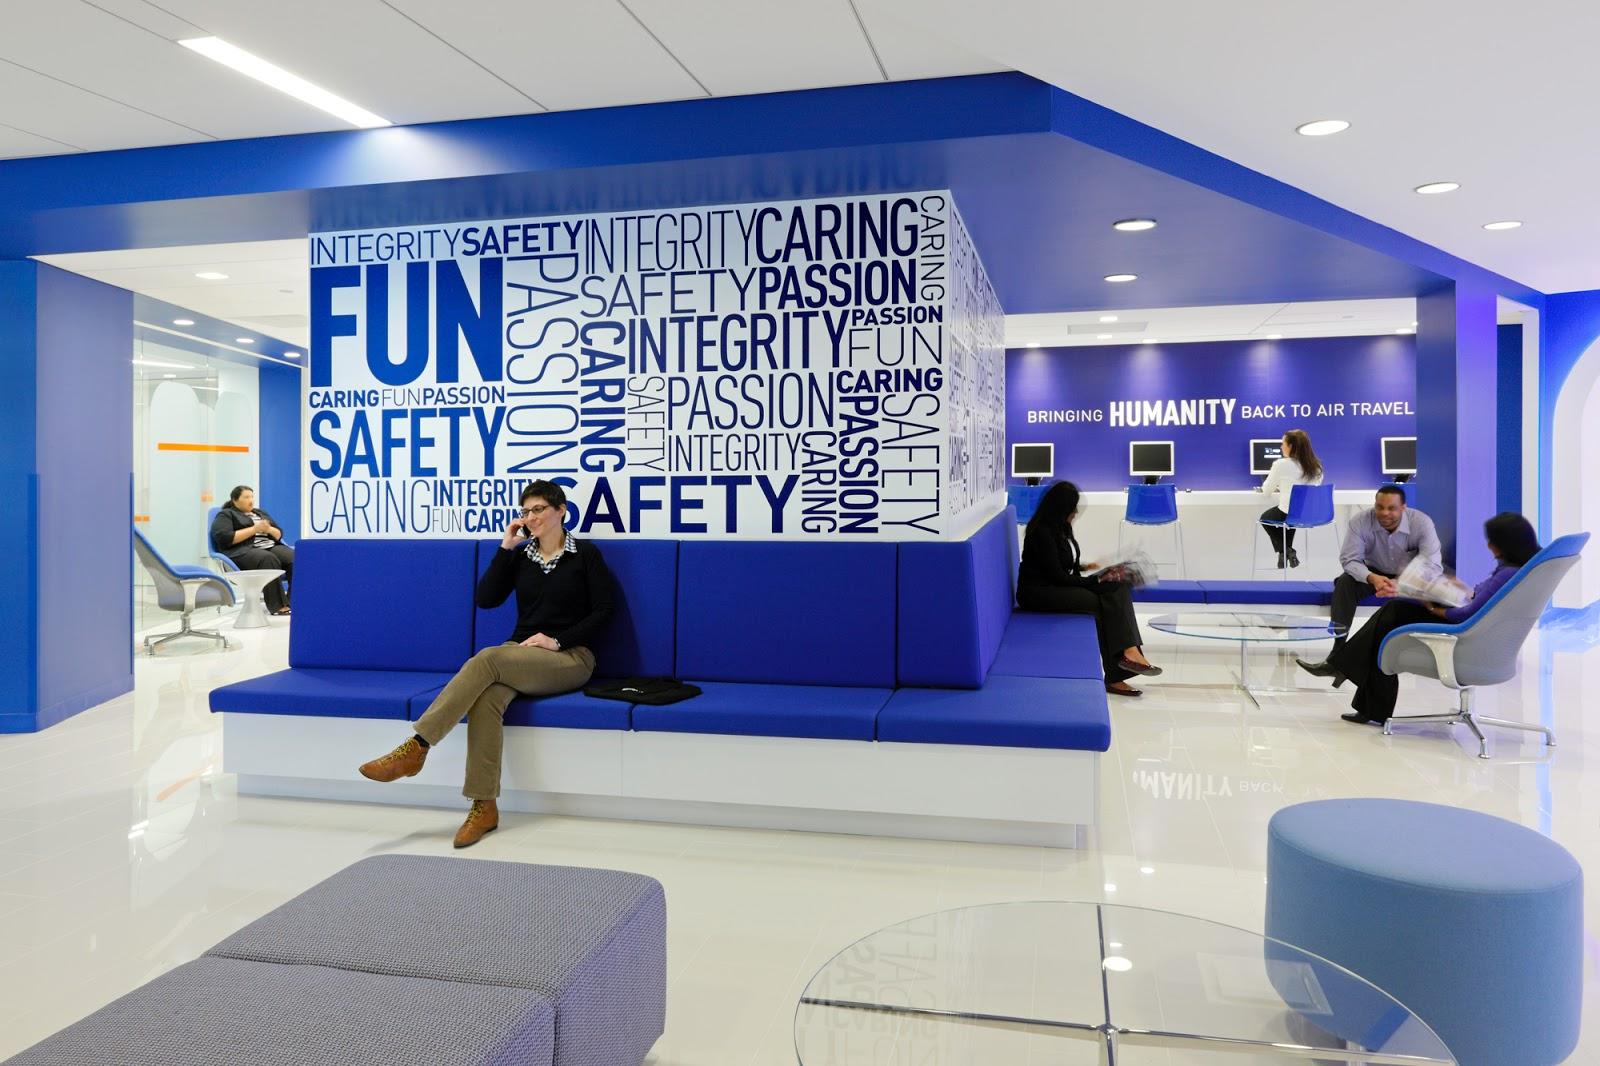 oficinas-futuristas